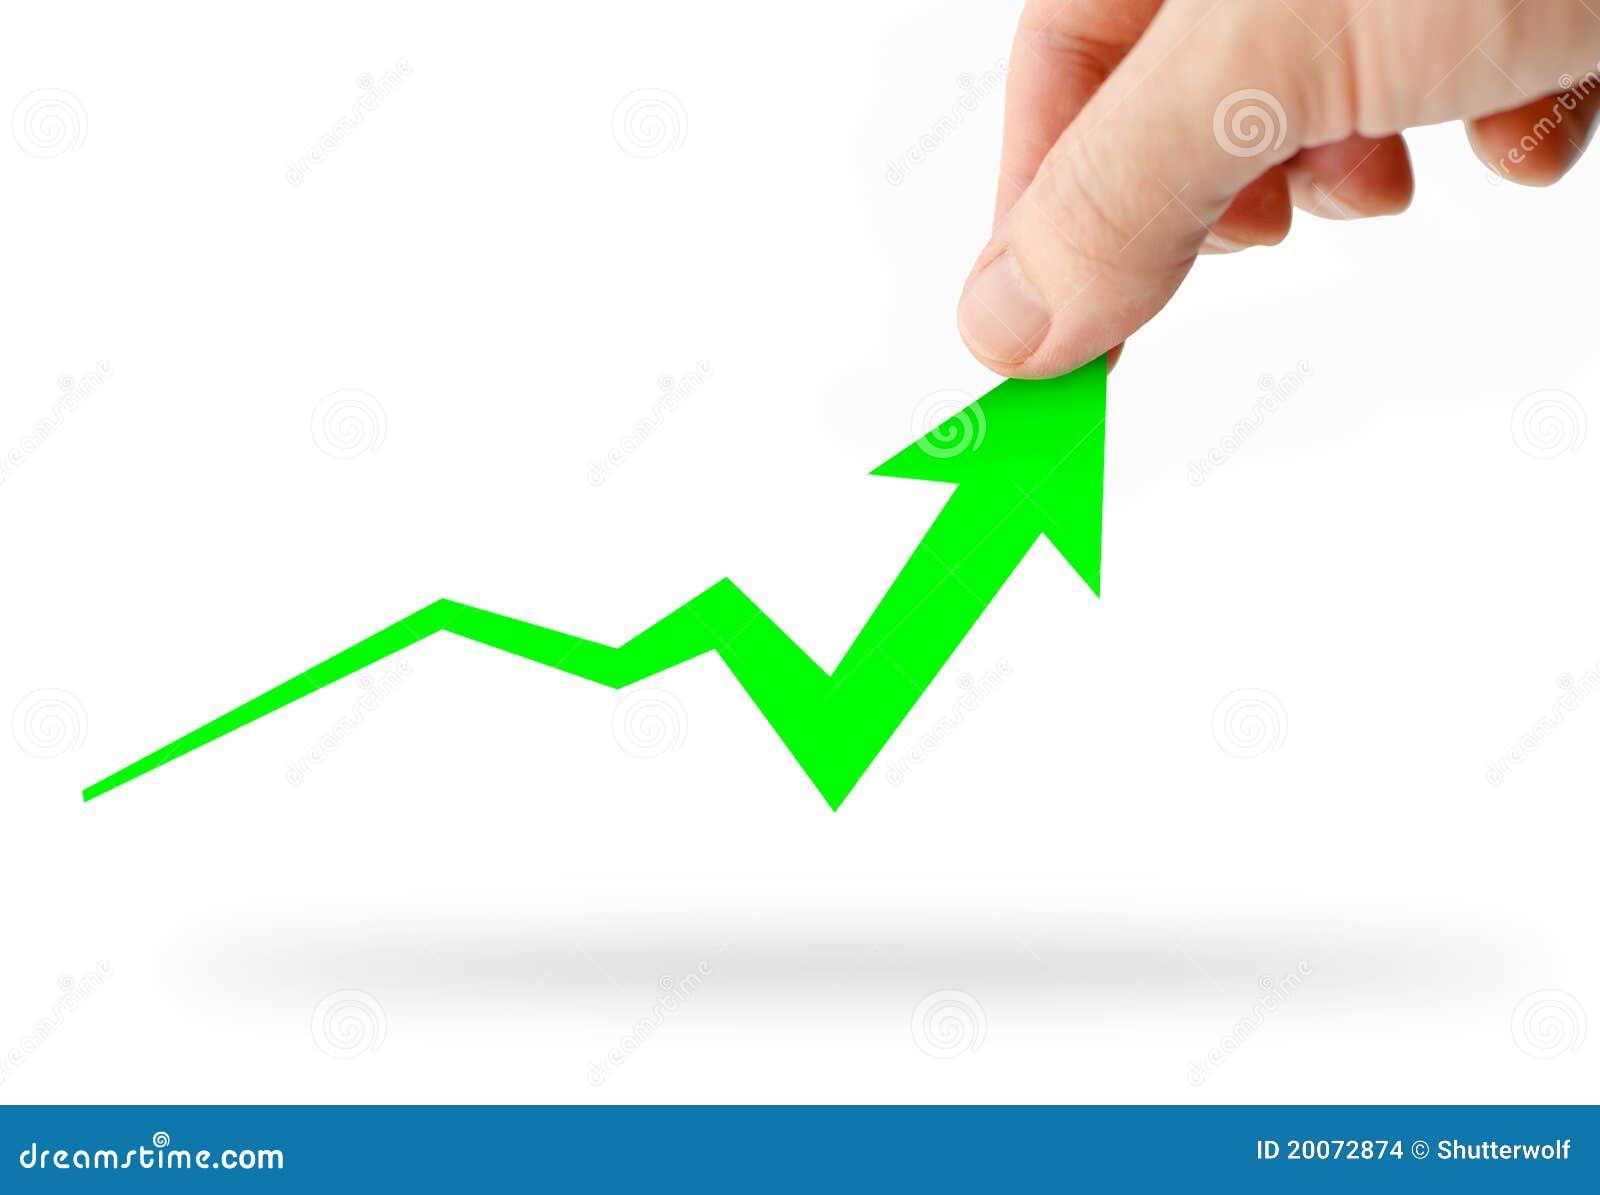 Gráfico de asunto verde de levantamiento de la mano